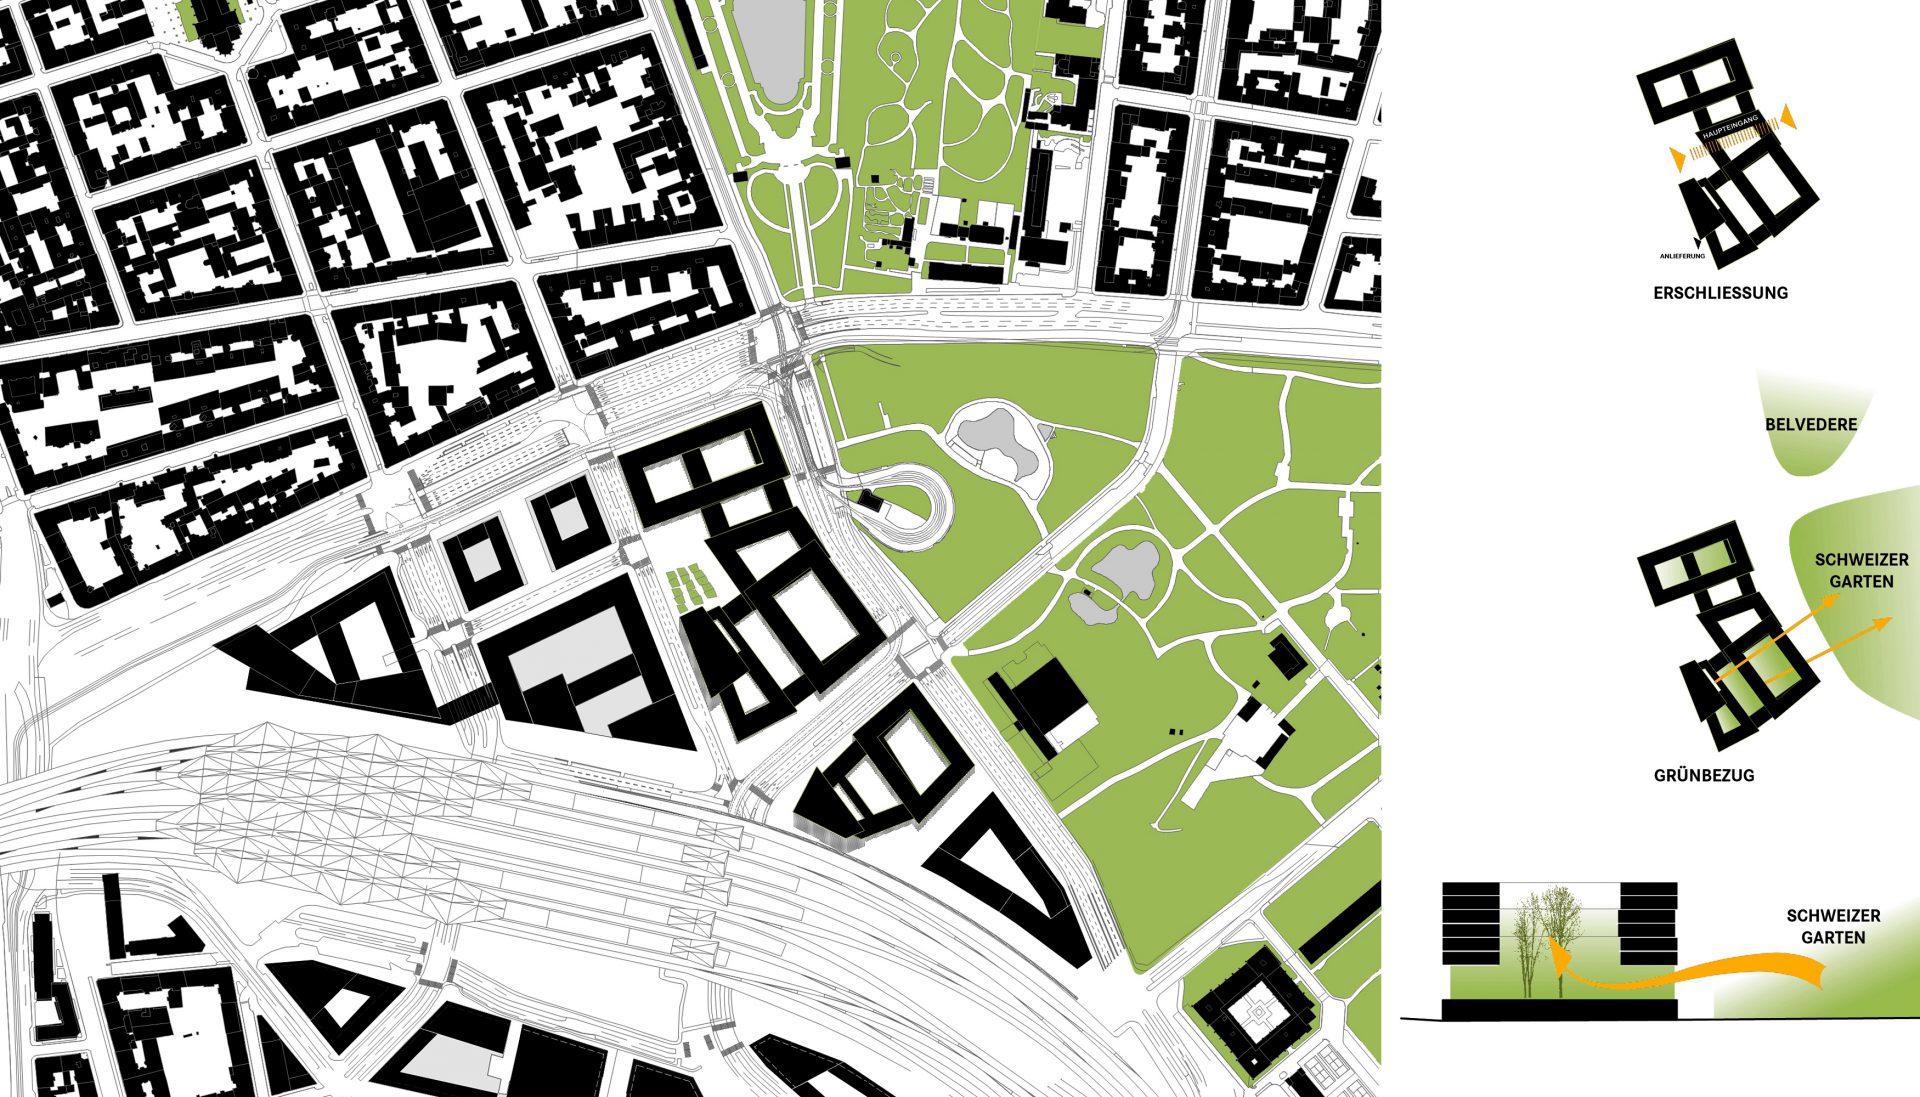 ERSTE Campus Wien